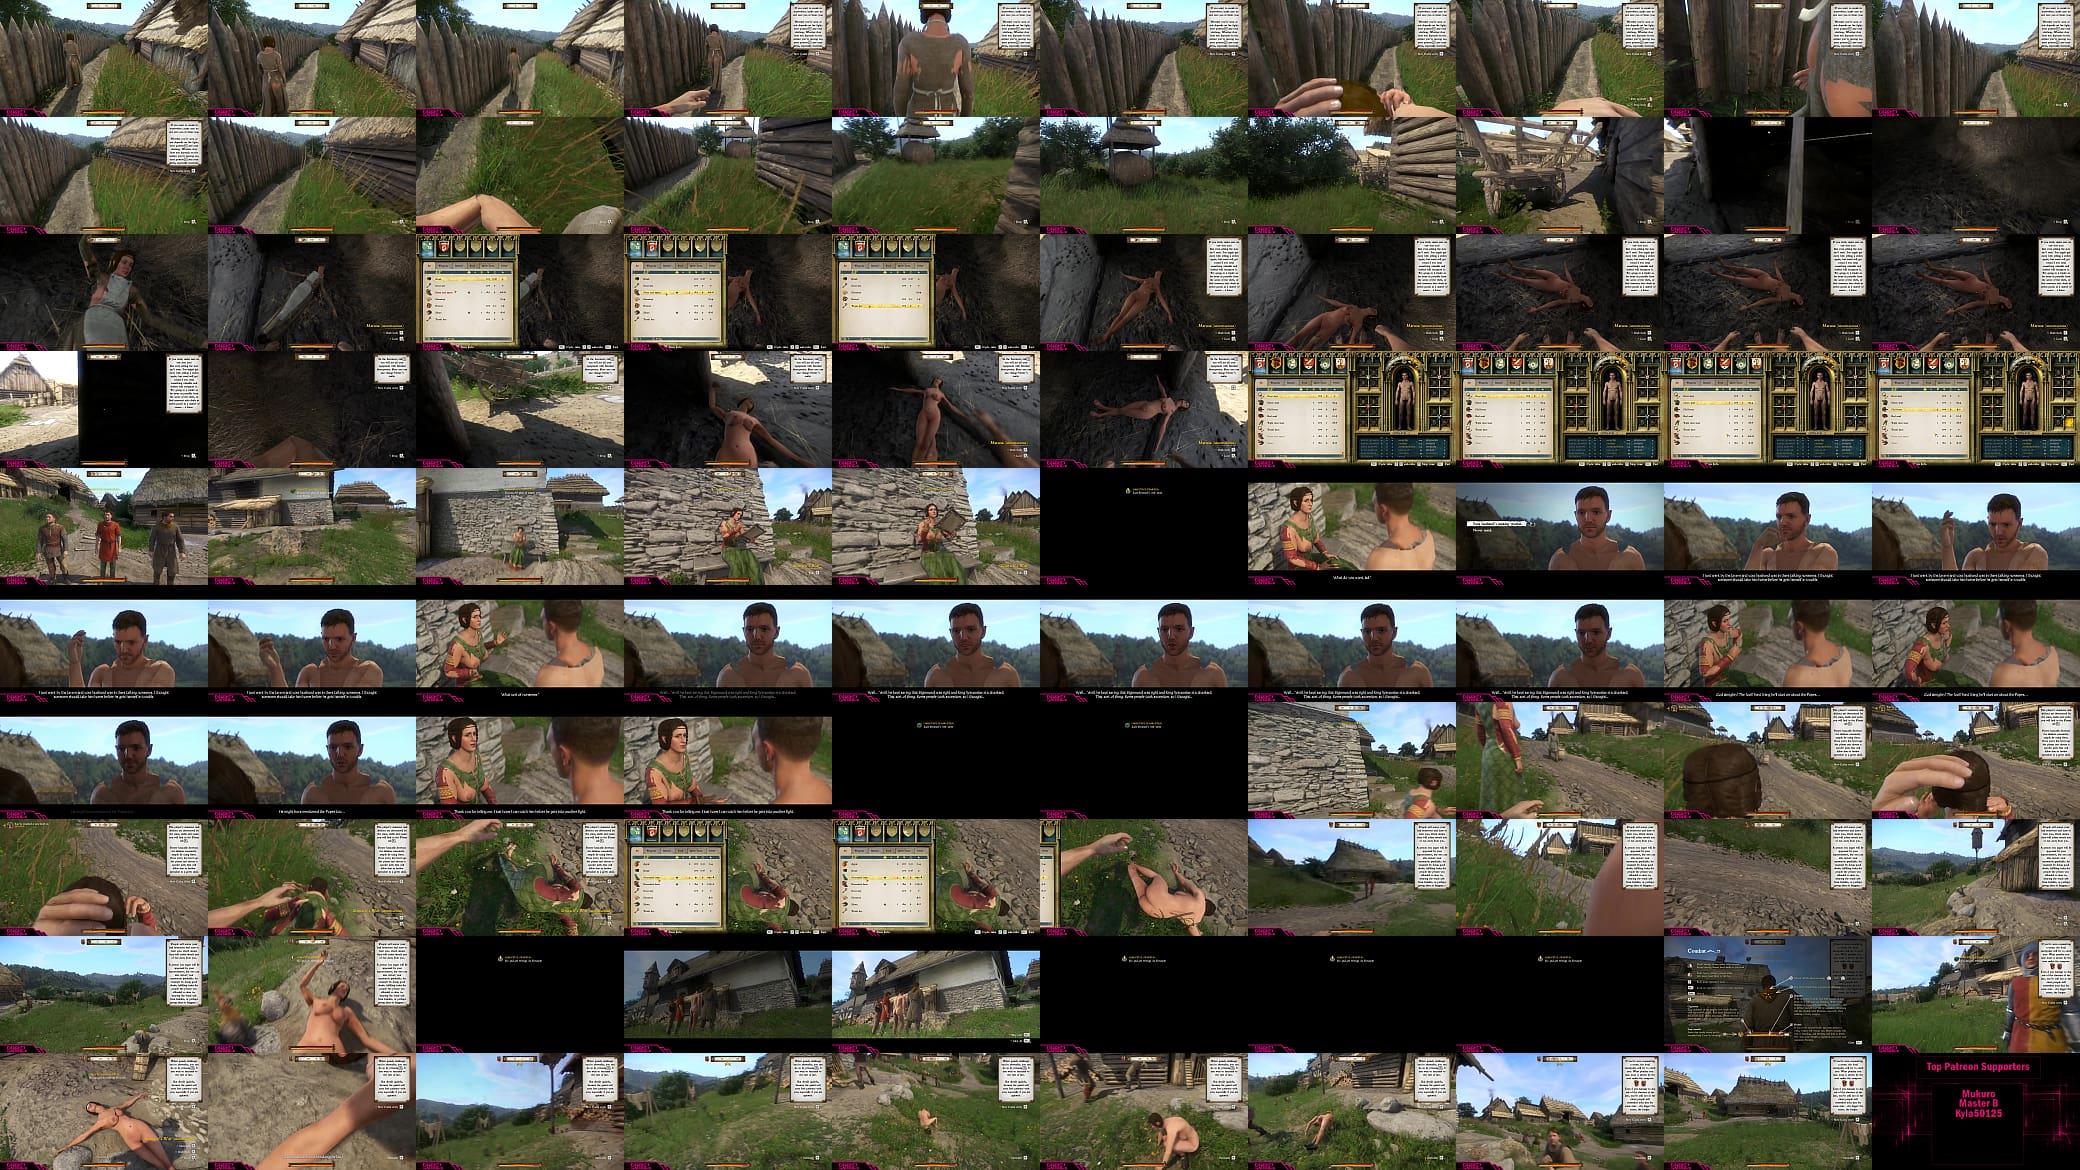 Resident xvideo evio de nudes modes